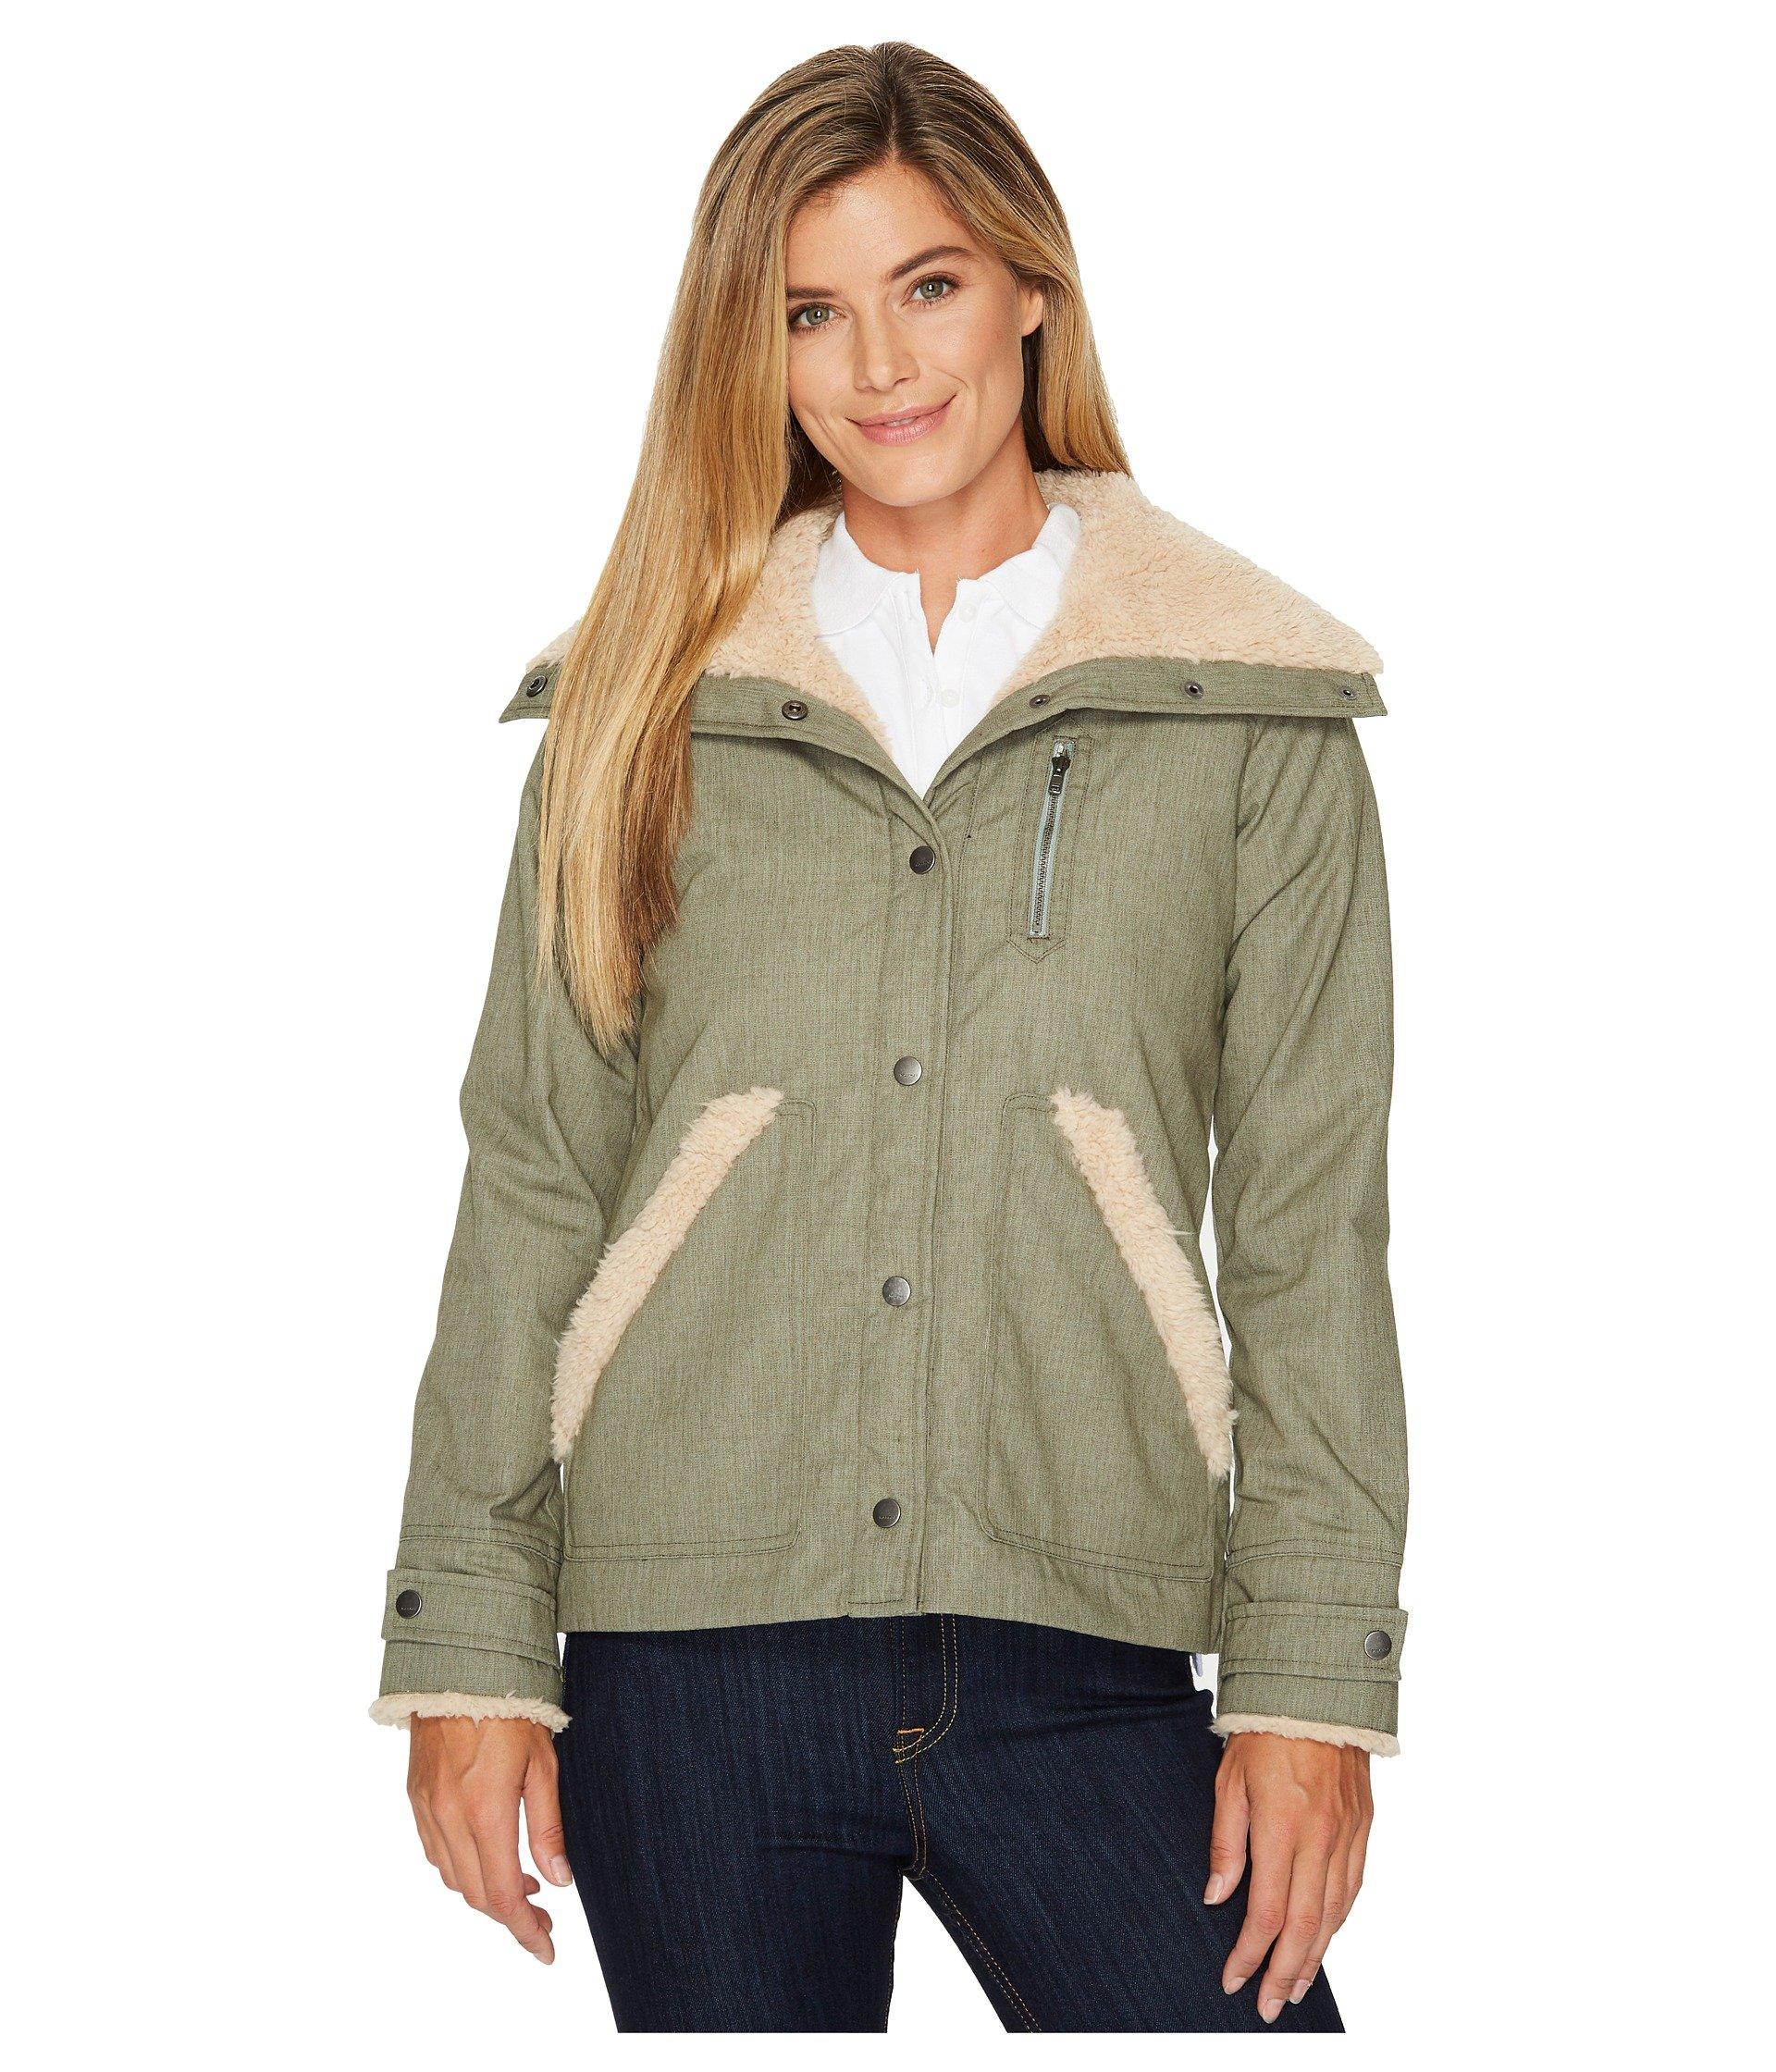 Rangeview Jacket